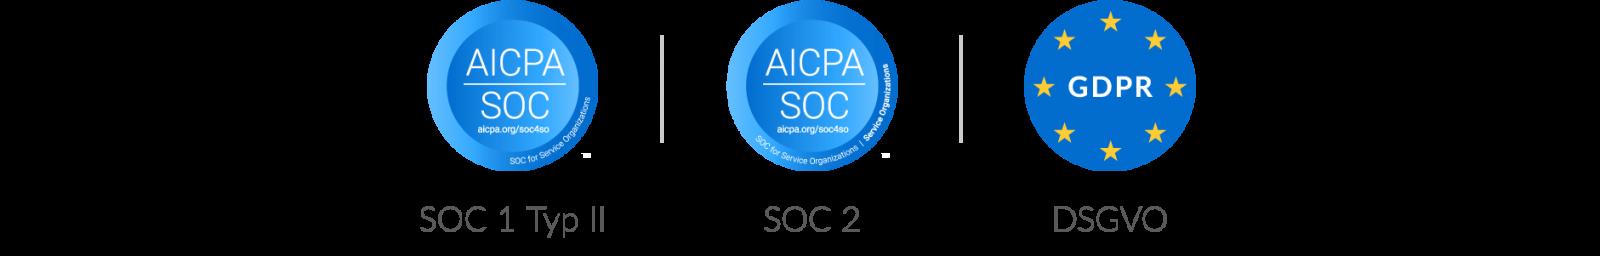 Die Workiva-Plattform ist kompatibel mit SOC 1, SOC 2 und DSGVO